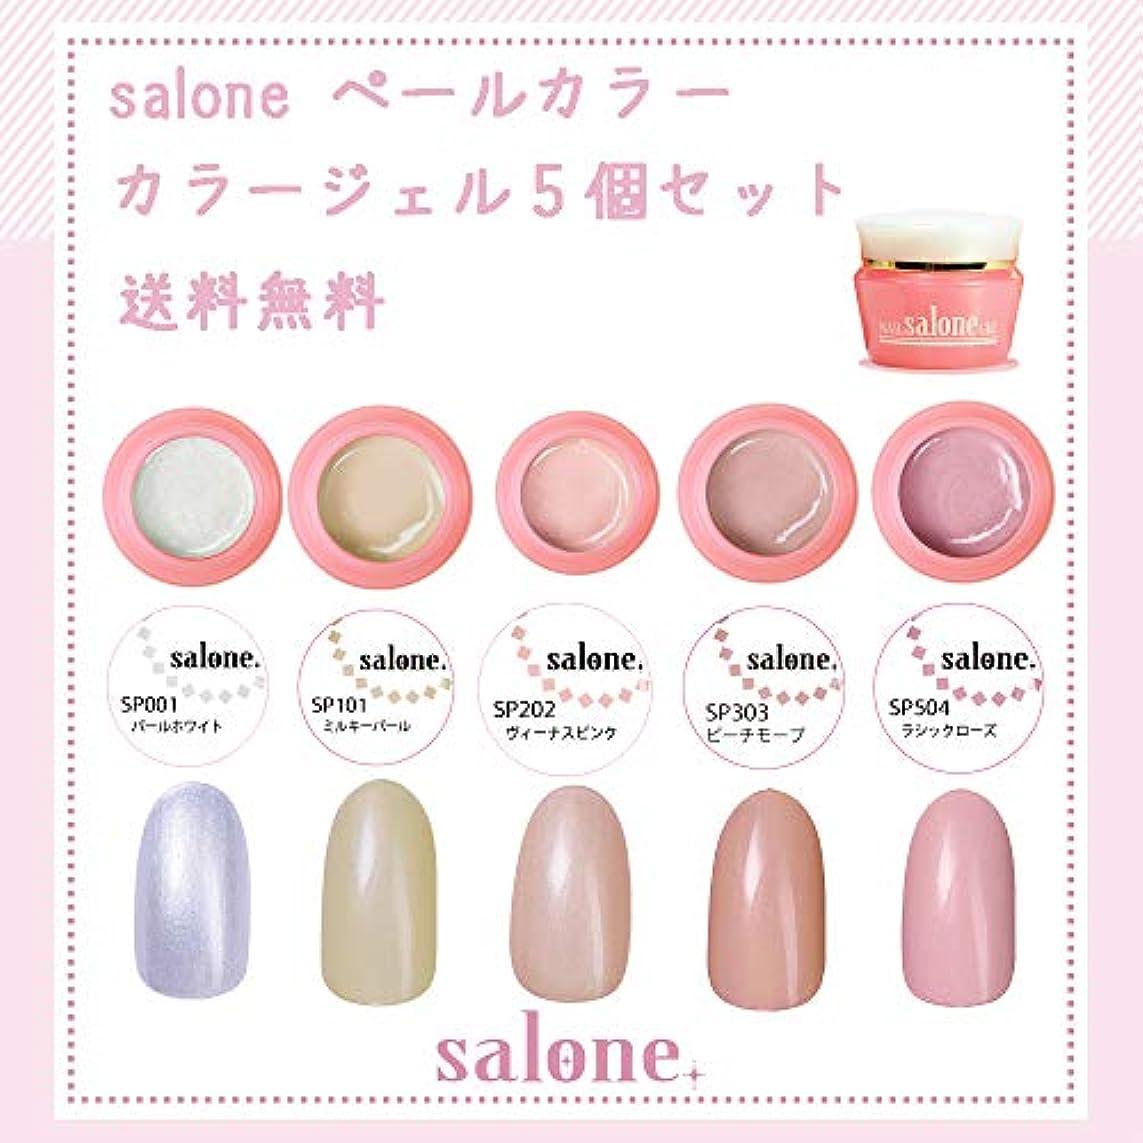 六スクラップブックぼかす【送料無料 日本製】Salone ペール カラージェル5個セット 上品なパール感漂うミルキーペールカラー